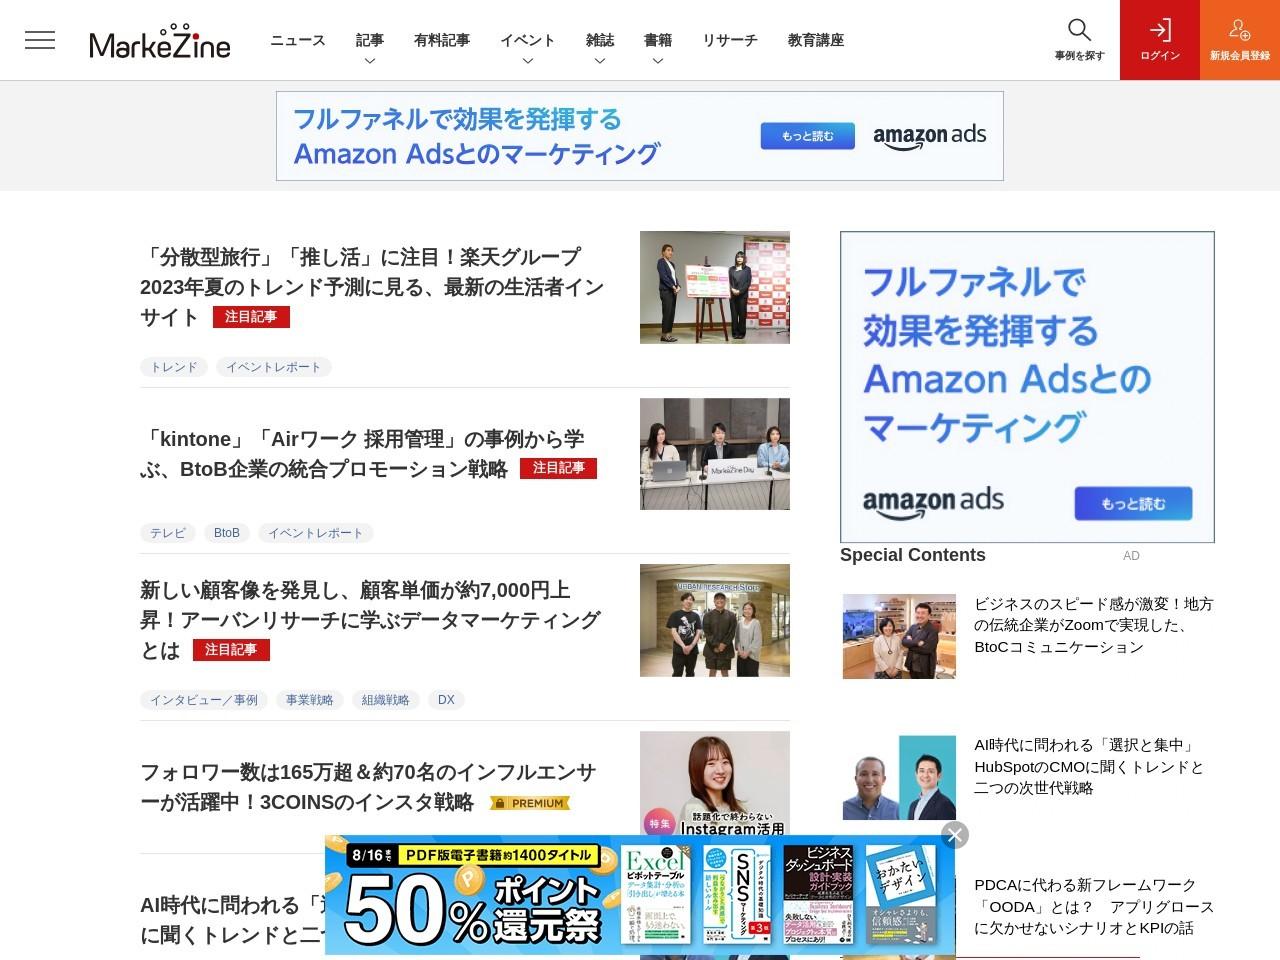 初心者Webマーケターが知っておきたいリスティング広告概論 (1/2):MarkeZine(マーケジン)